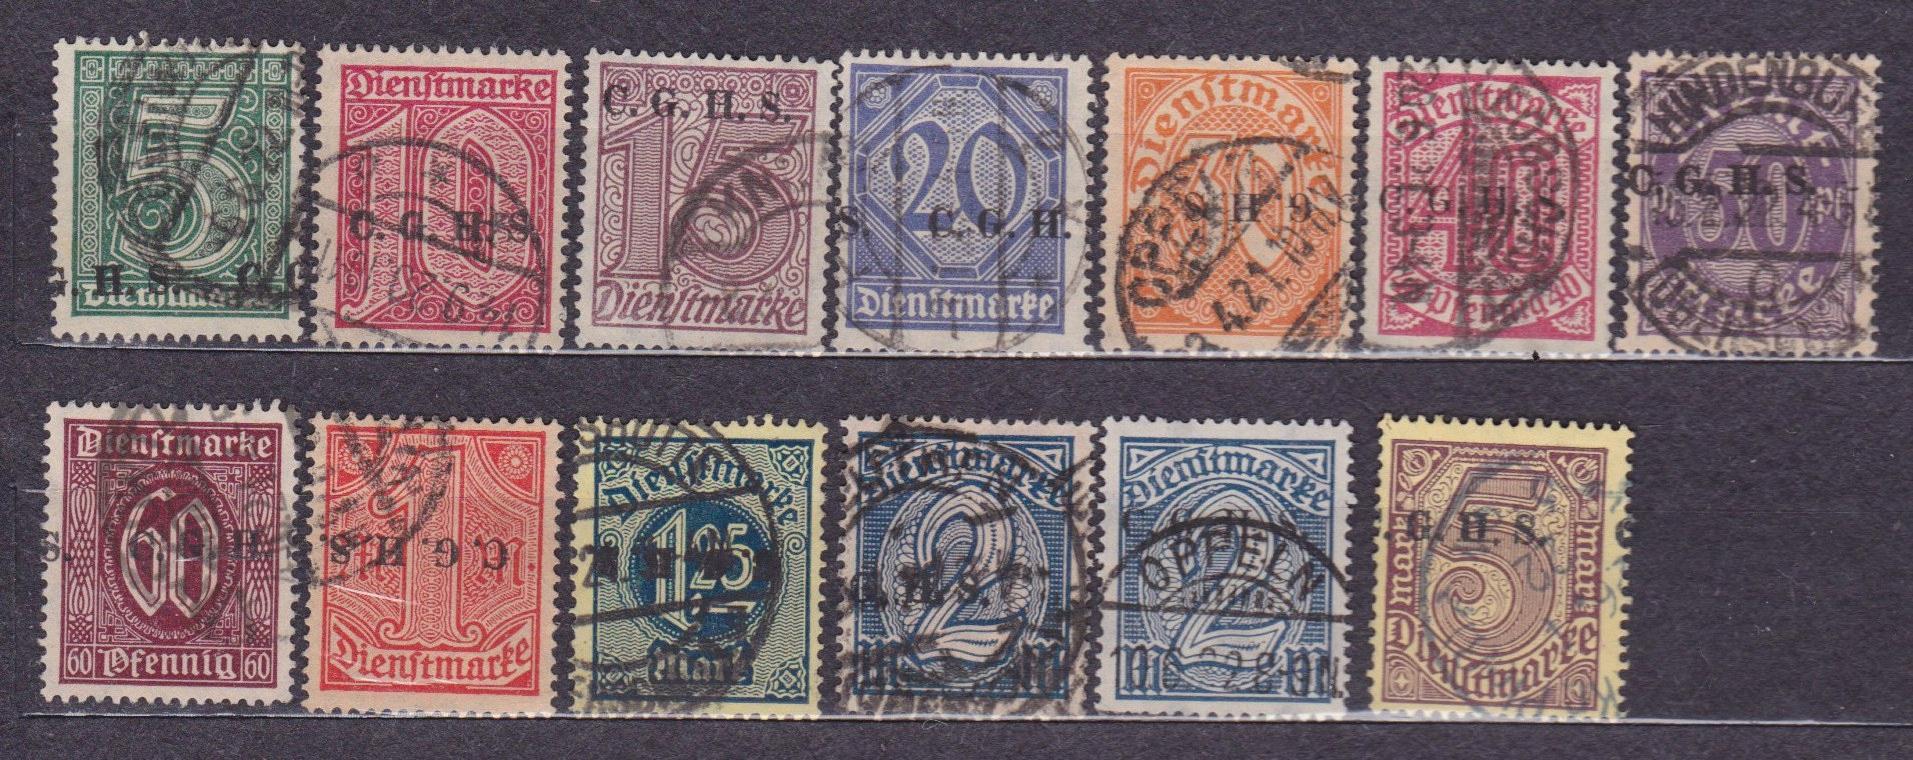 Plebiscyty - 1920, Górny Śląsk, Fi U8 - 20, kasowa